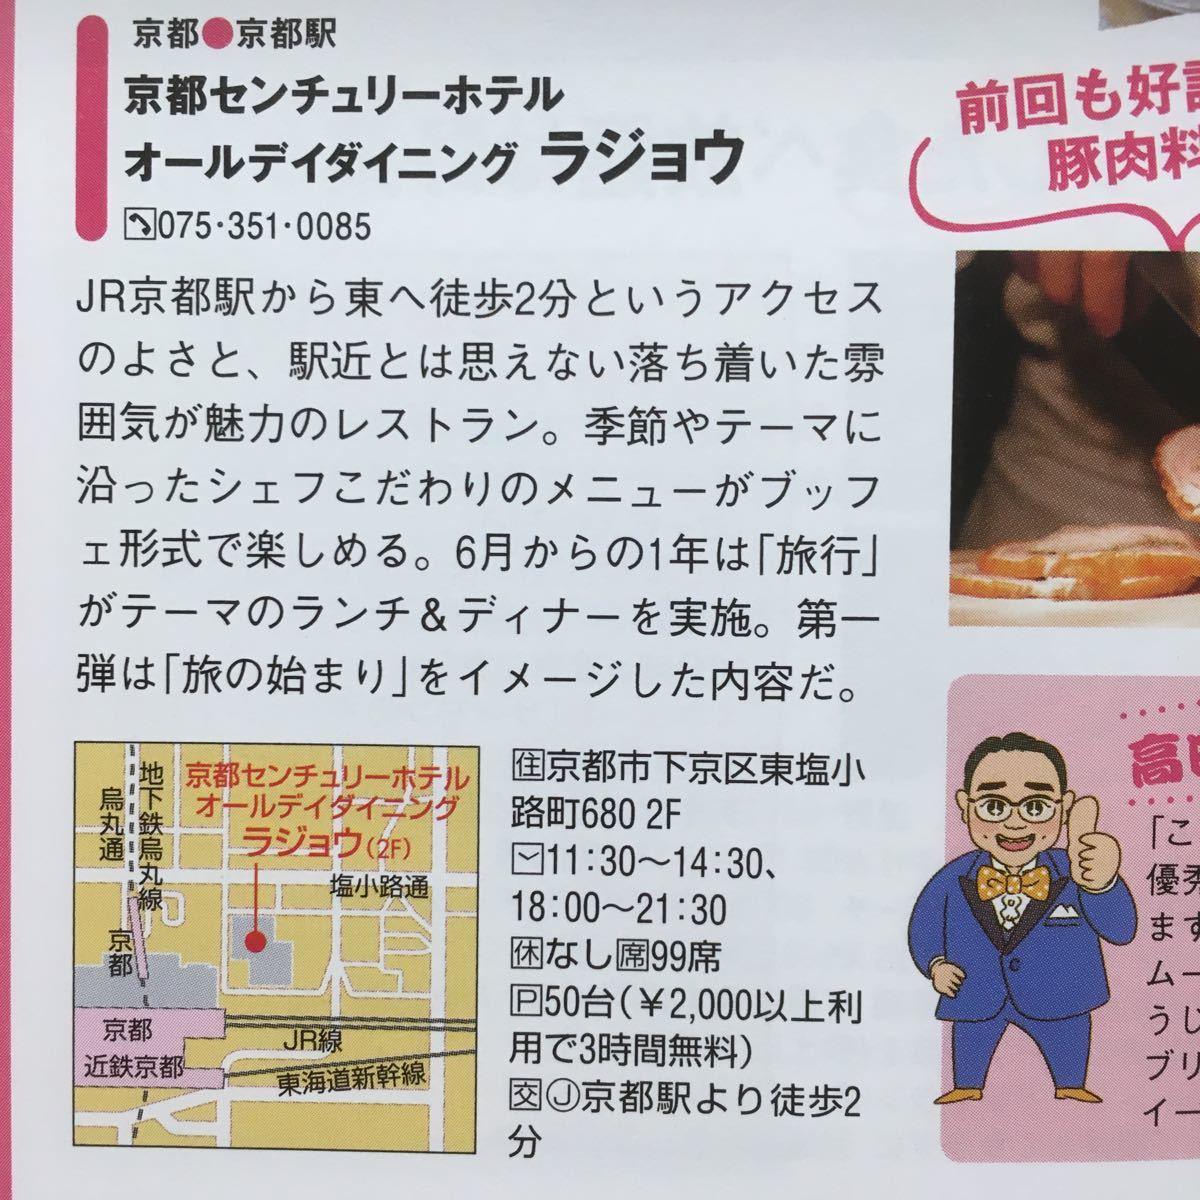 京都センチュリーホテル オールデイダイニング ラジョウ クーポン券 割引券 9/30まで_画像2